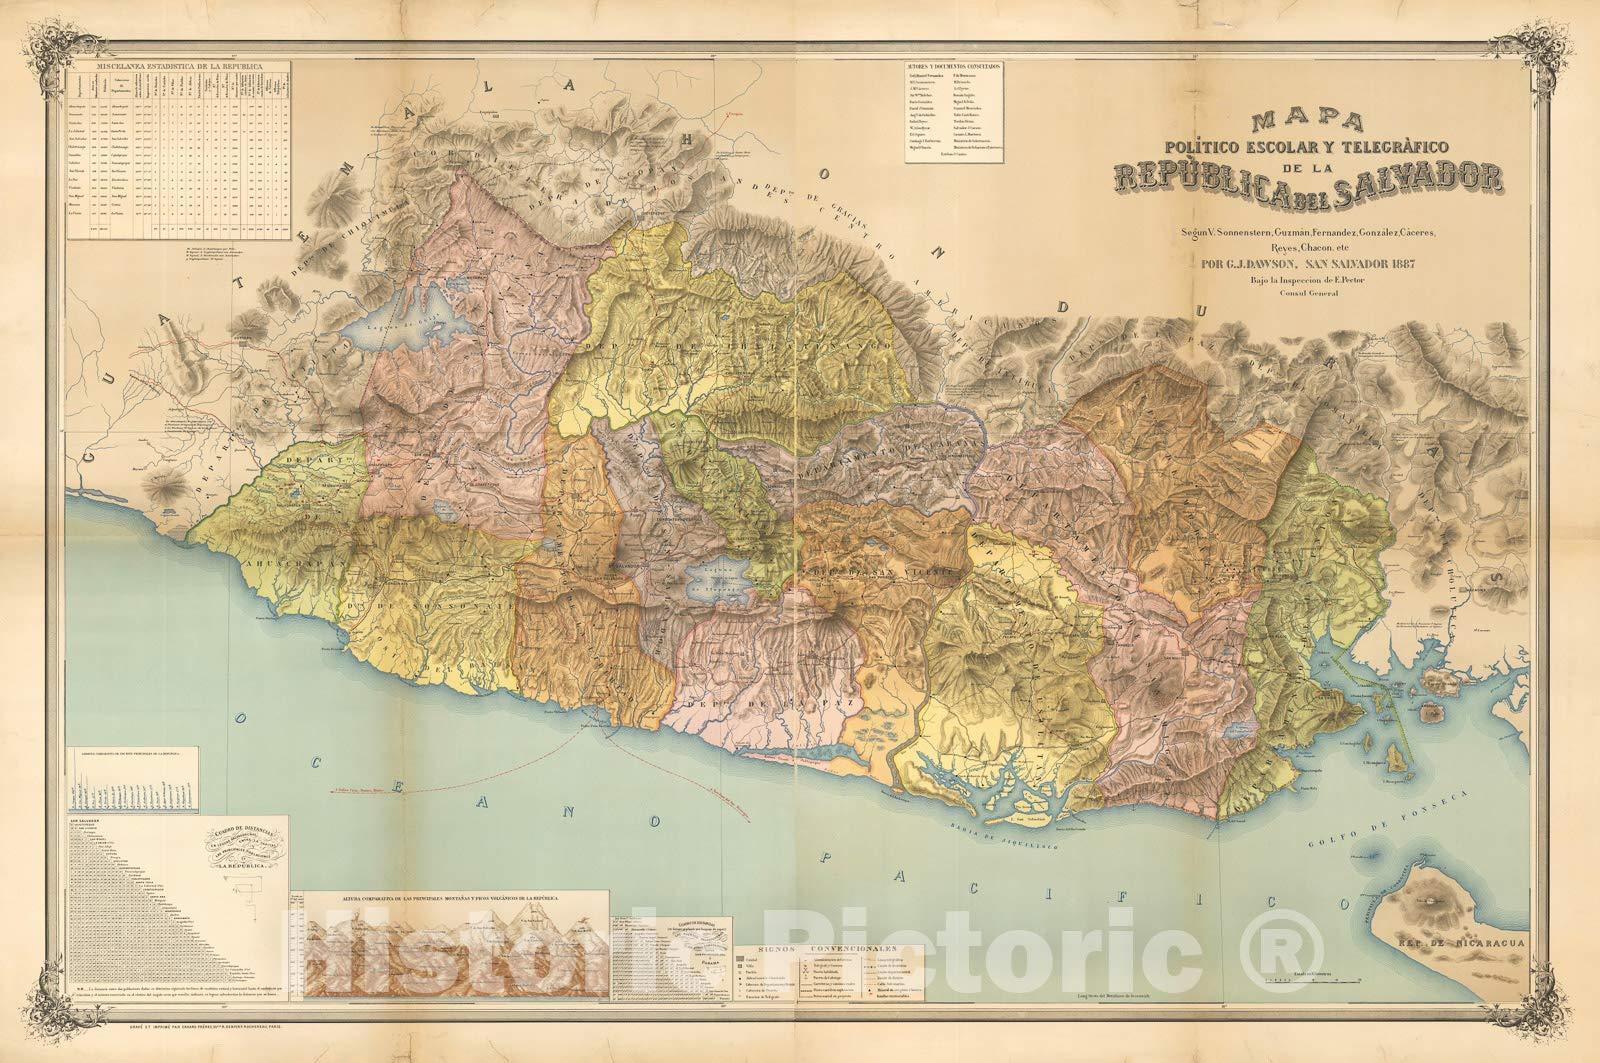 Amazon Com Historic Map Mapa Politico Escolar Y Telegrafico De La Republica Del Salvador First Map Of El Salvador 1887 Guillermo J Dawson Vintage Wall Art 64in X 44in Posters Prints